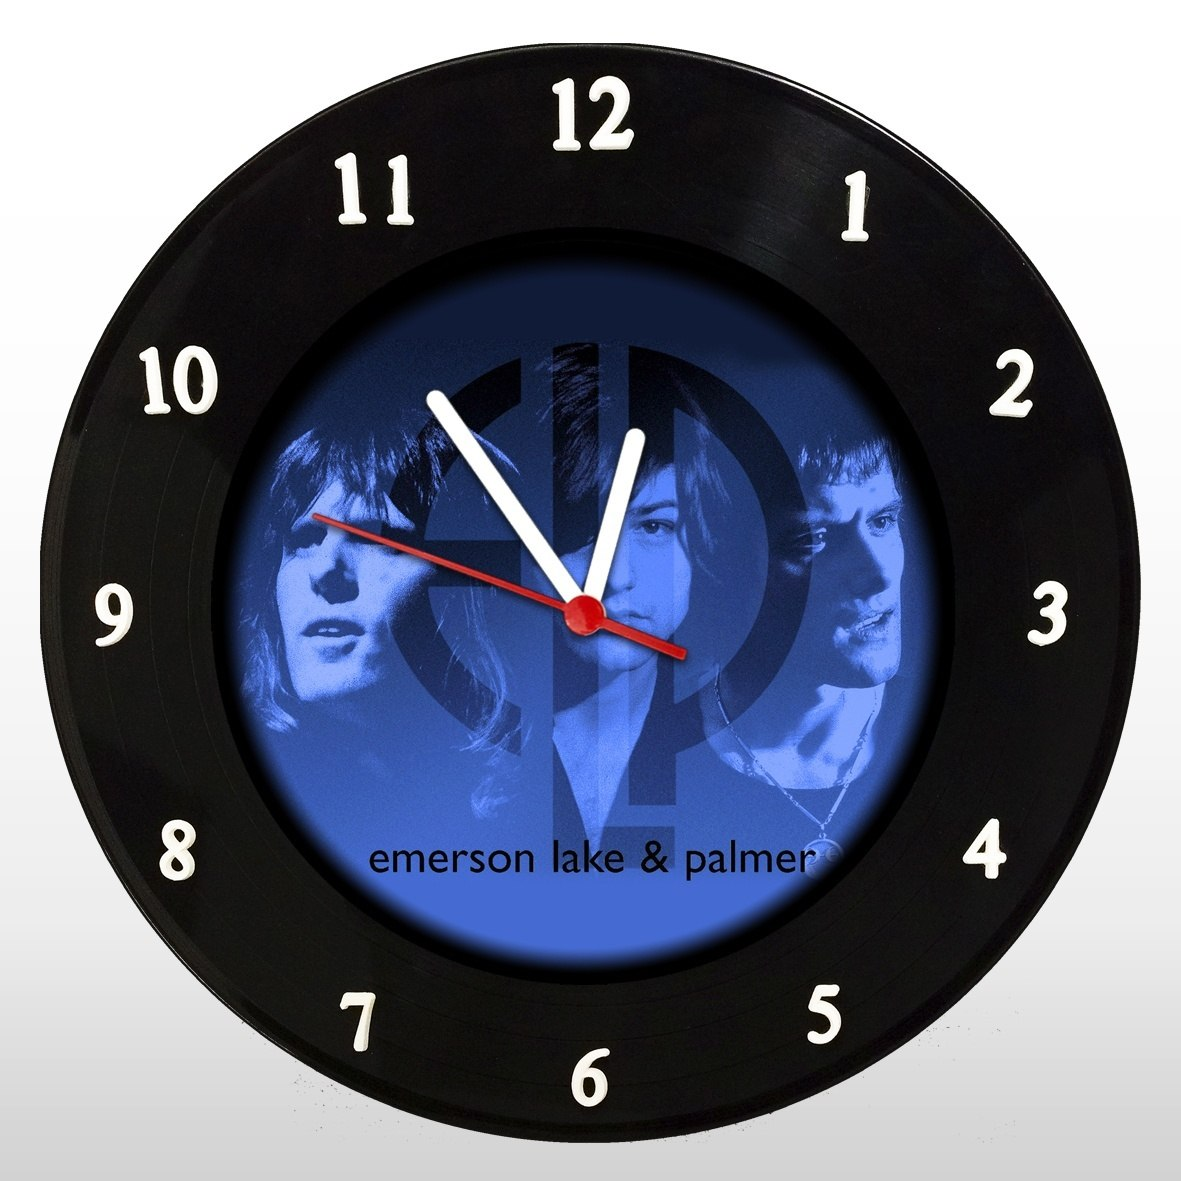 ELP - Relógio de Parede em Disco de Vinil - Mr. Rock - Emerson Lake and Palmer